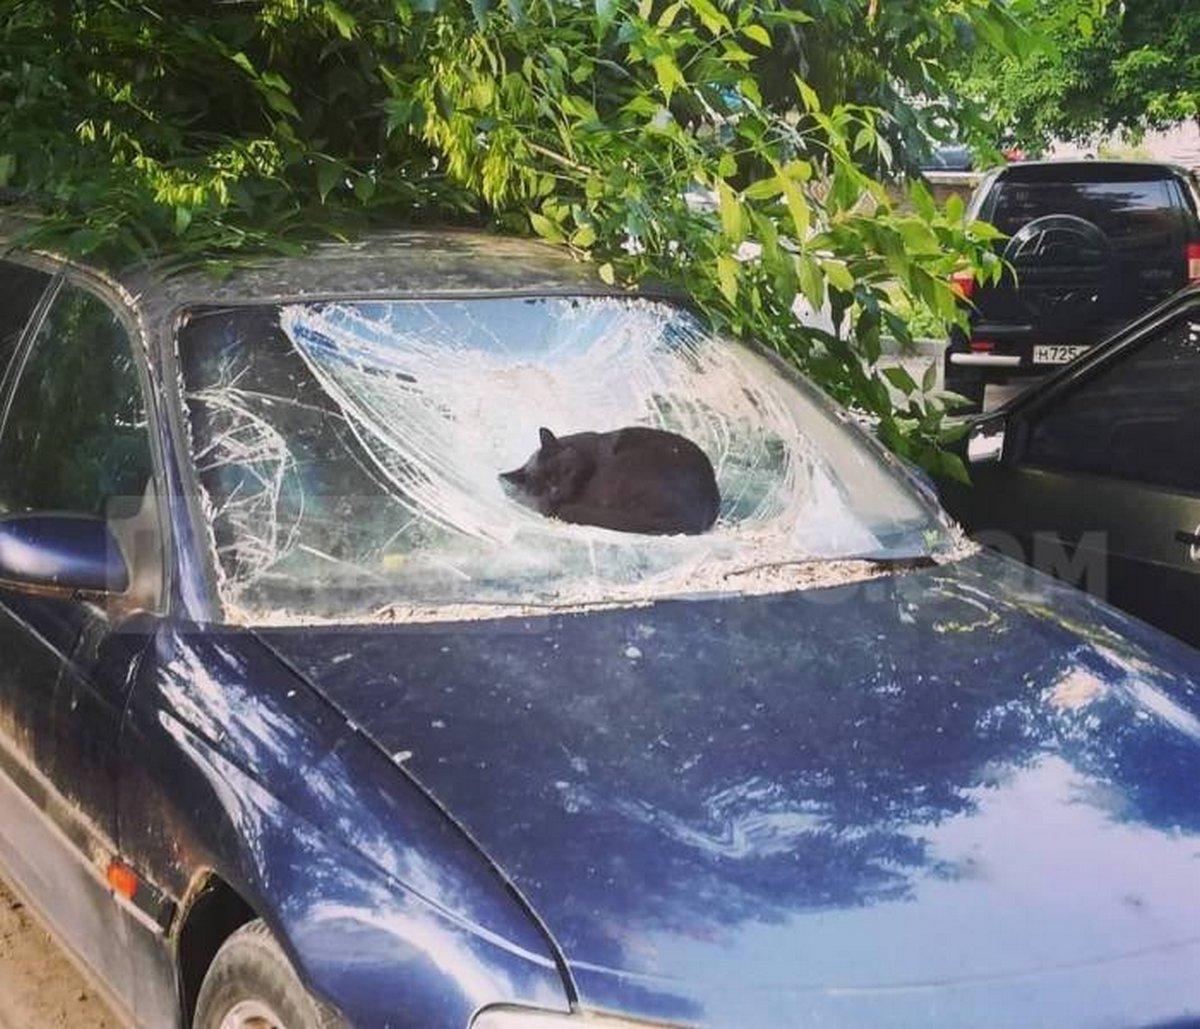 Les gens rient de ces chats qui traînent dans des endroits où ils ne devraient pas être